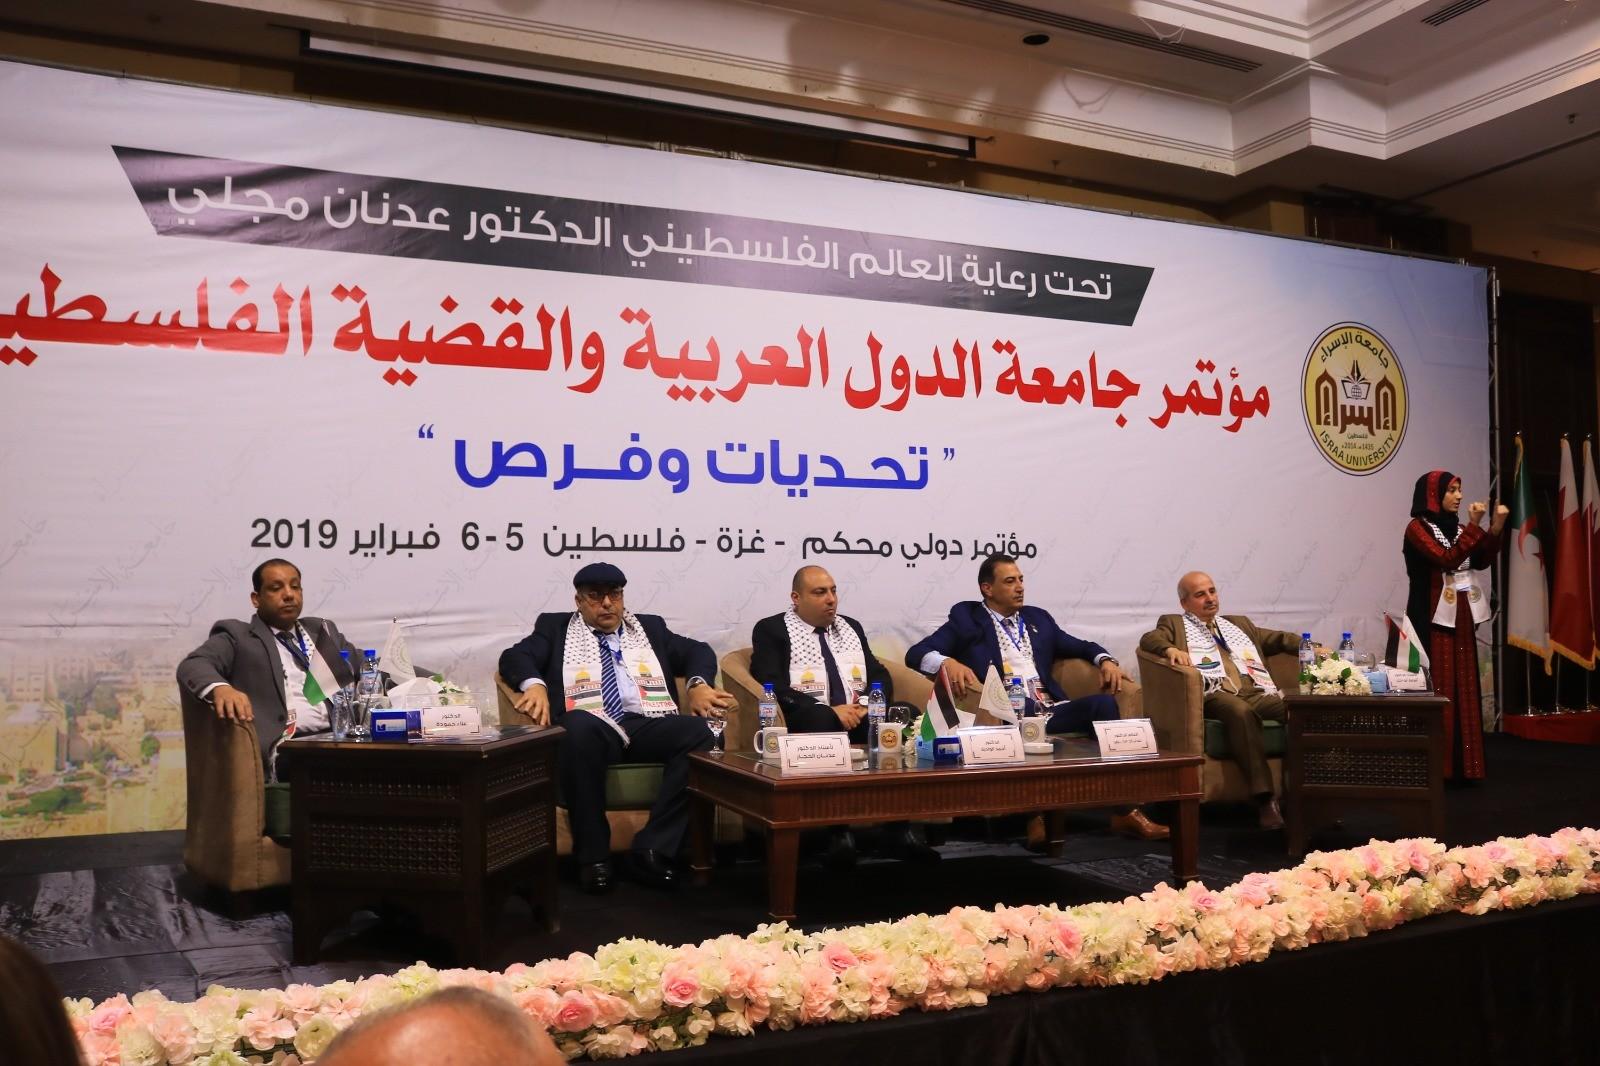 عن مؤتمر «جامعة الدول العربية والقضية الفلسطينية: تحديات وفرص»